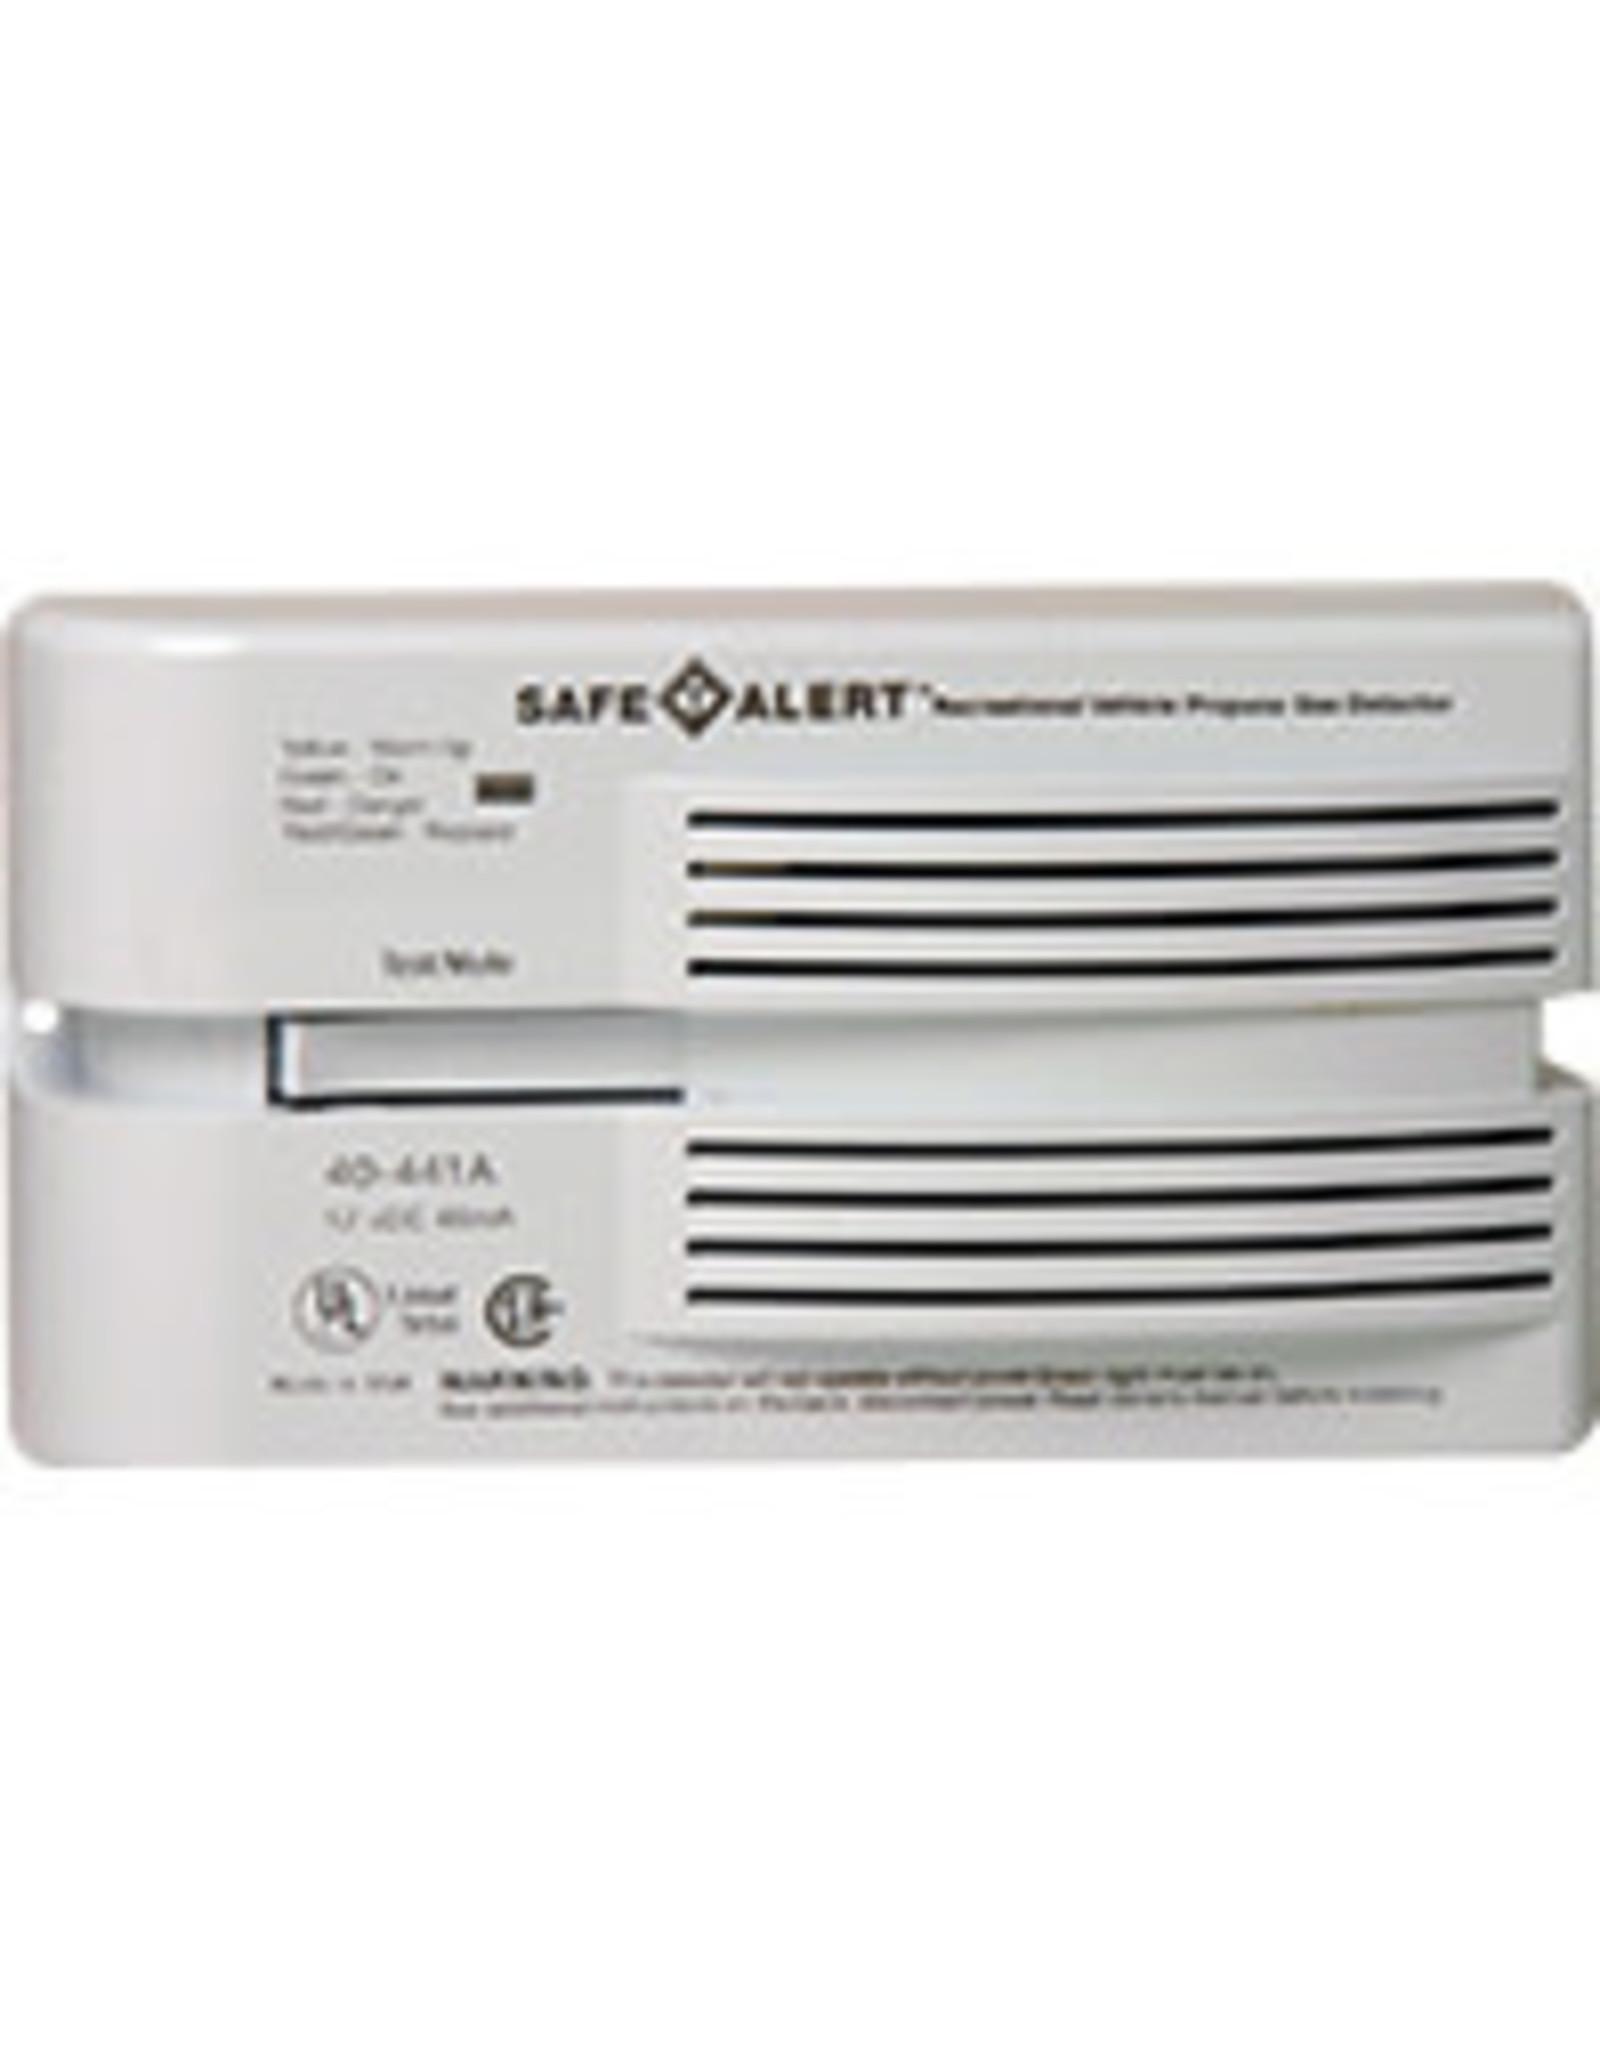 Safe T Alert Safe T Alert 40 Series Surface Mount